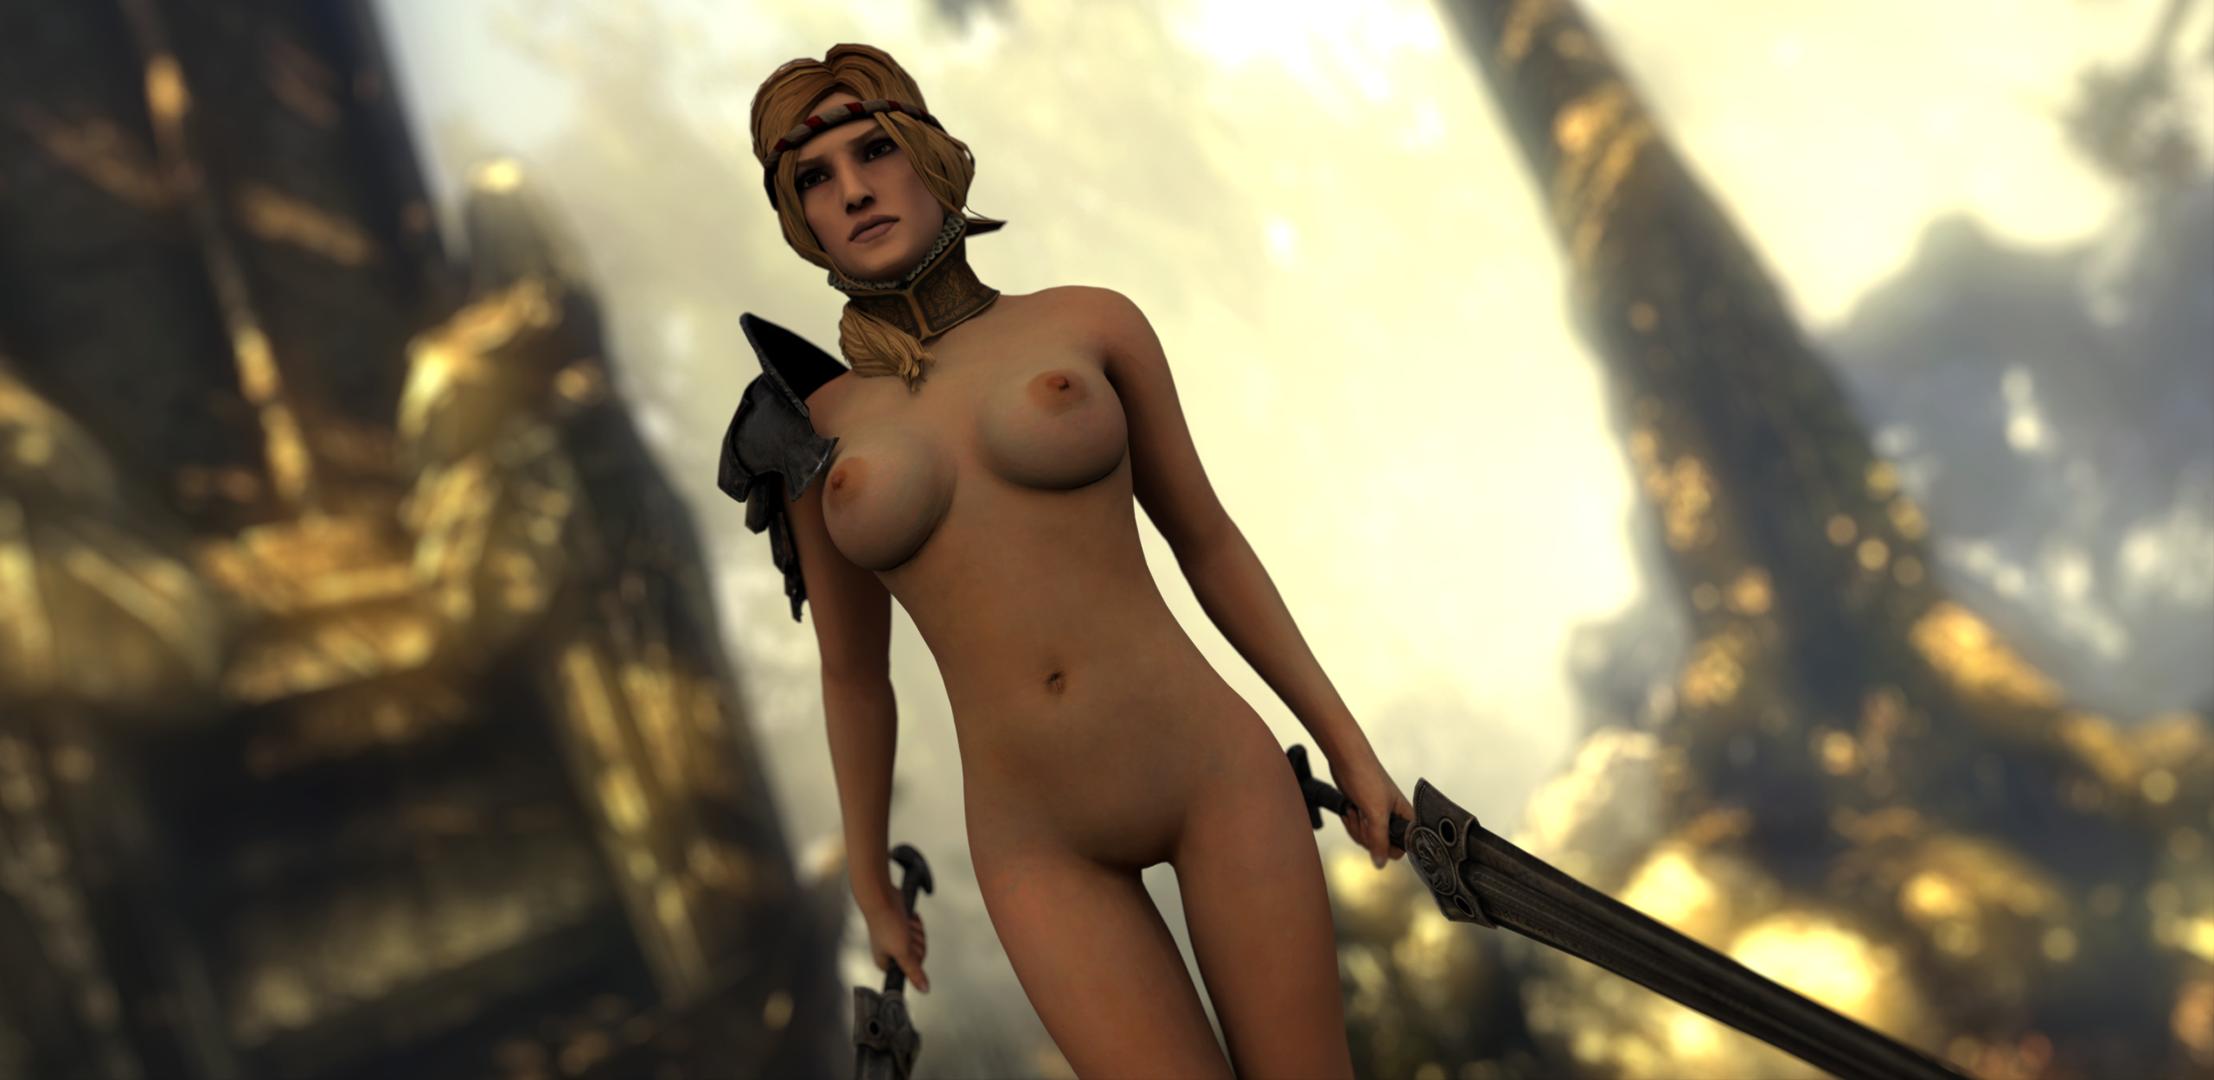 sexs 4gp